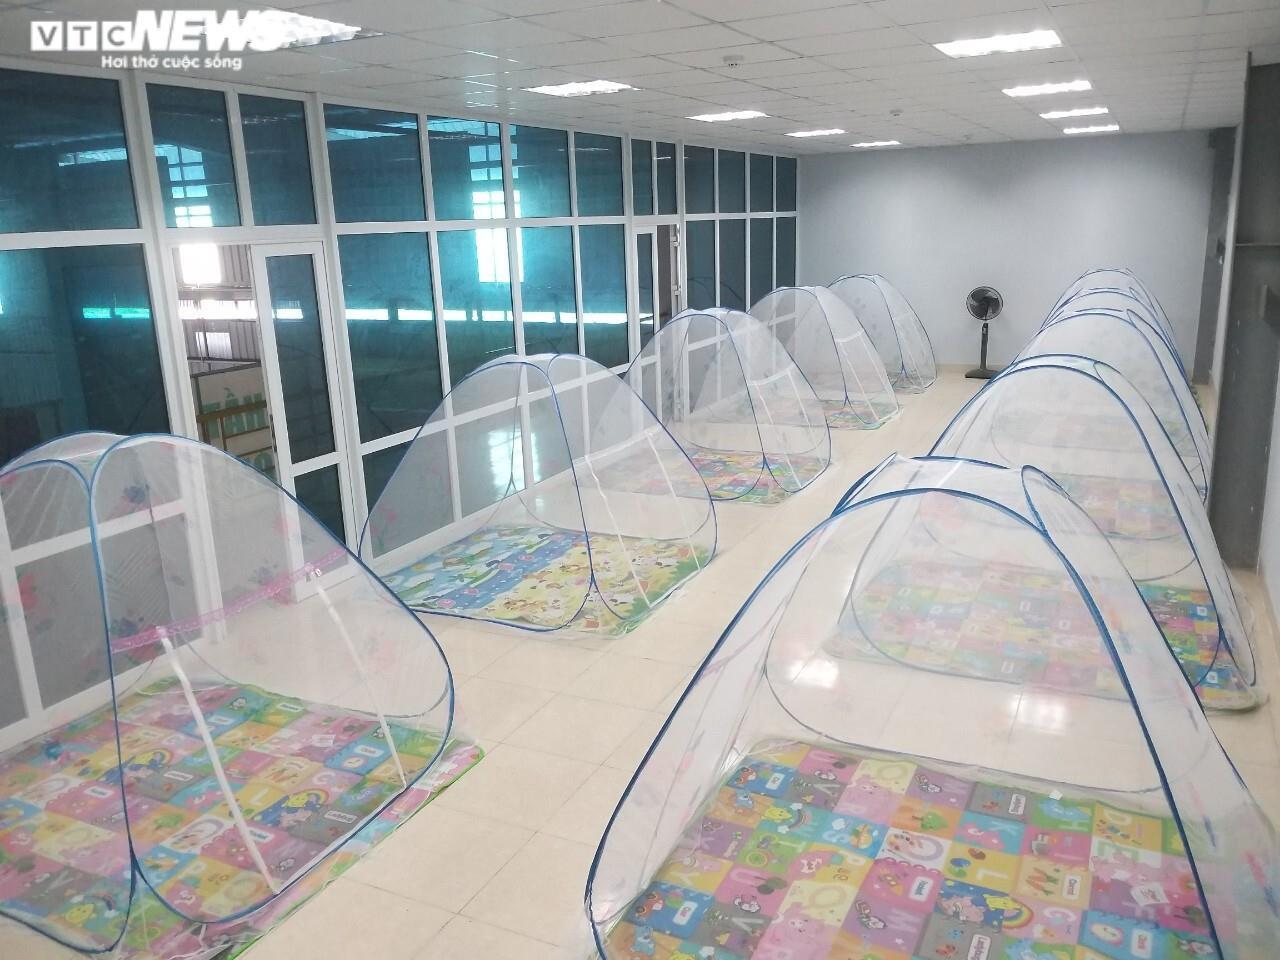 Bắc Ninh thực hiện mô hình 'cùng ăn, cùng ở, cùng làm' tại các doanh nghiệp - 2